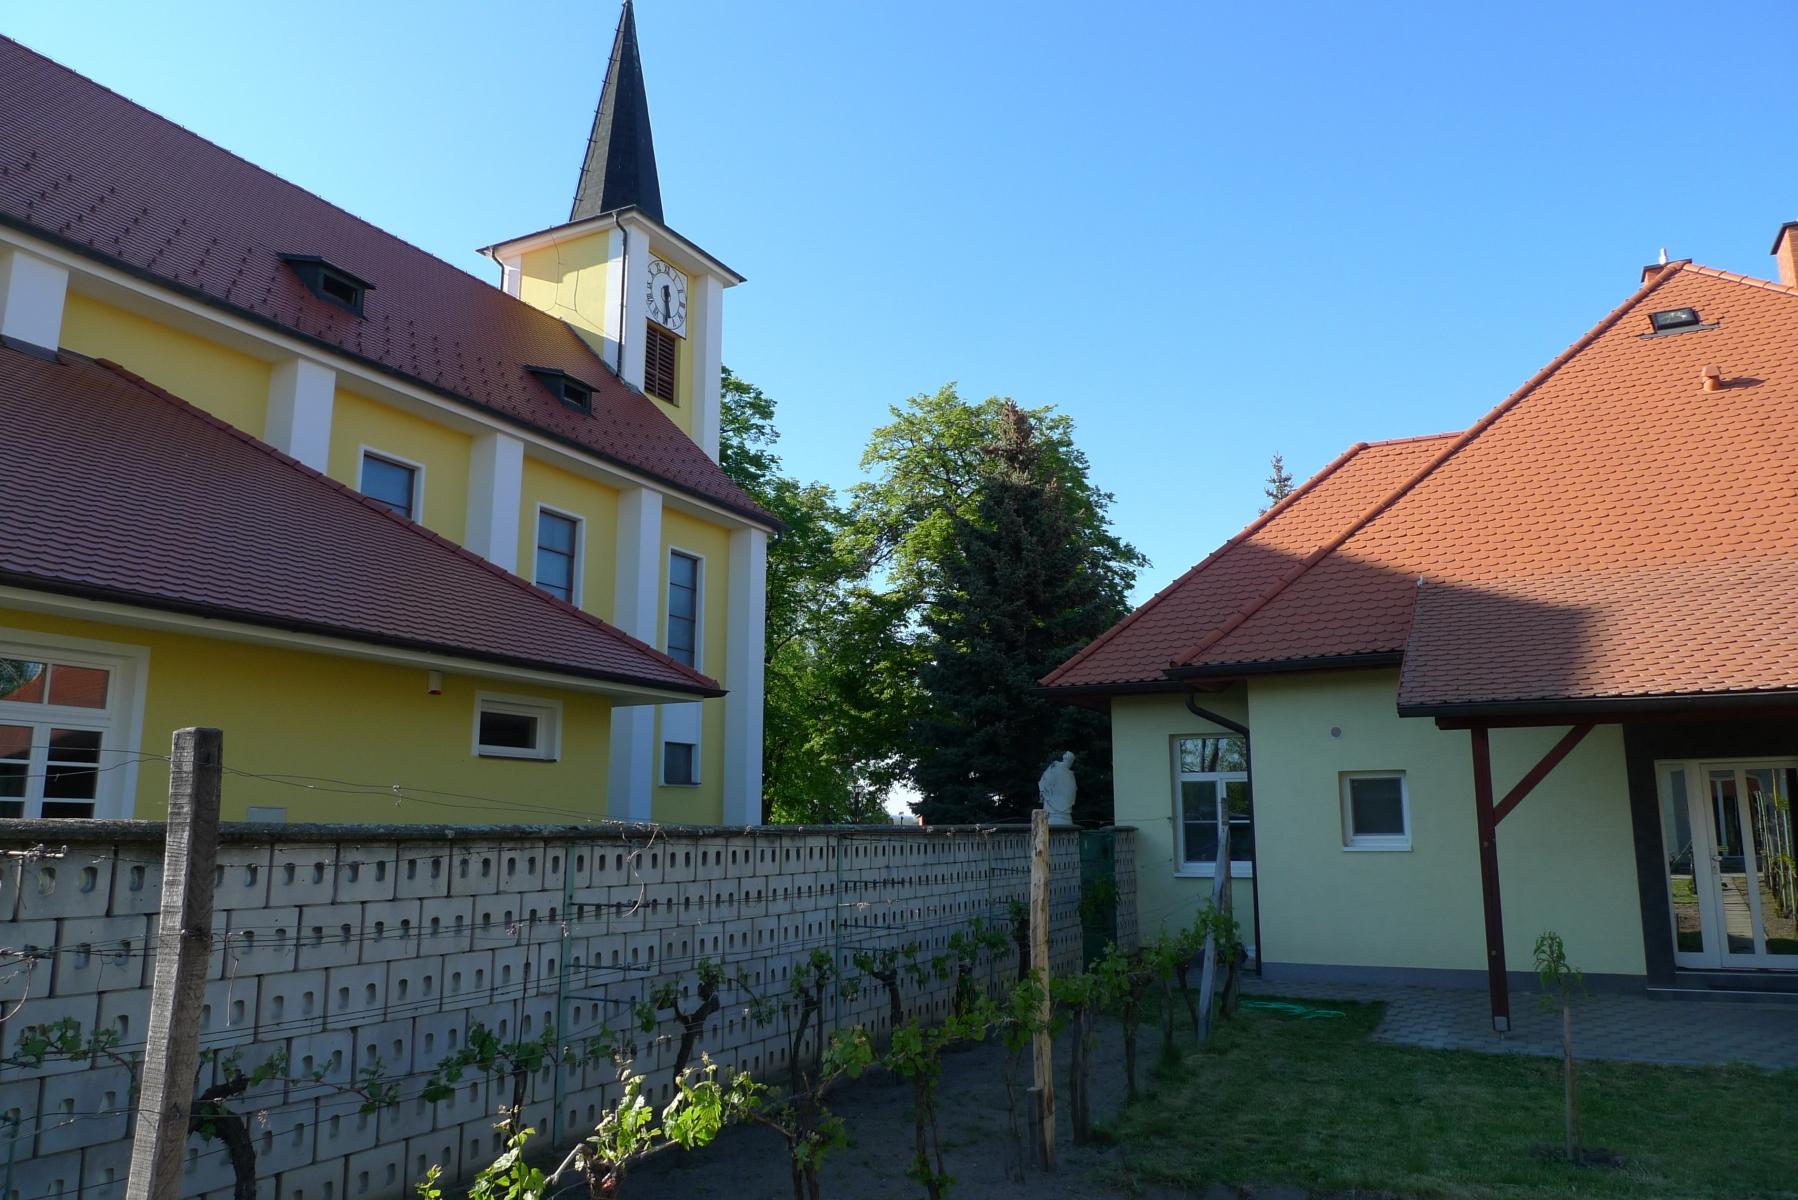 Kostel-a-okolí-44